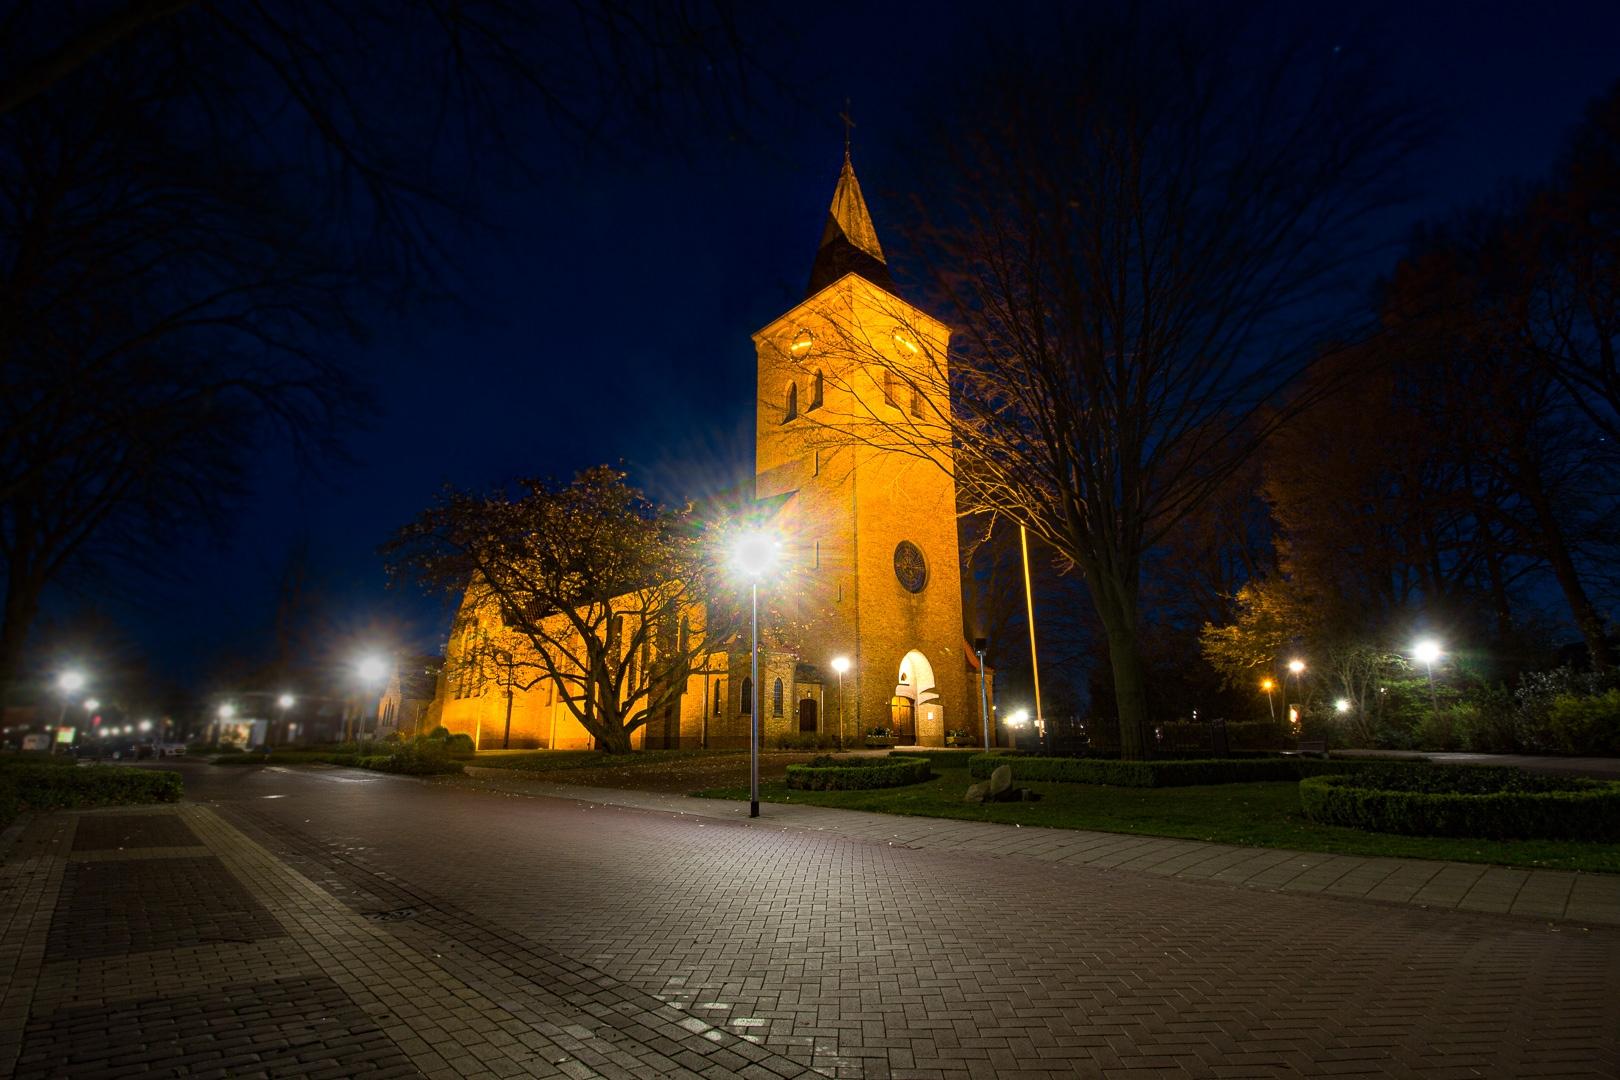 Lednovate Kerk Rossum 1 - Kerk